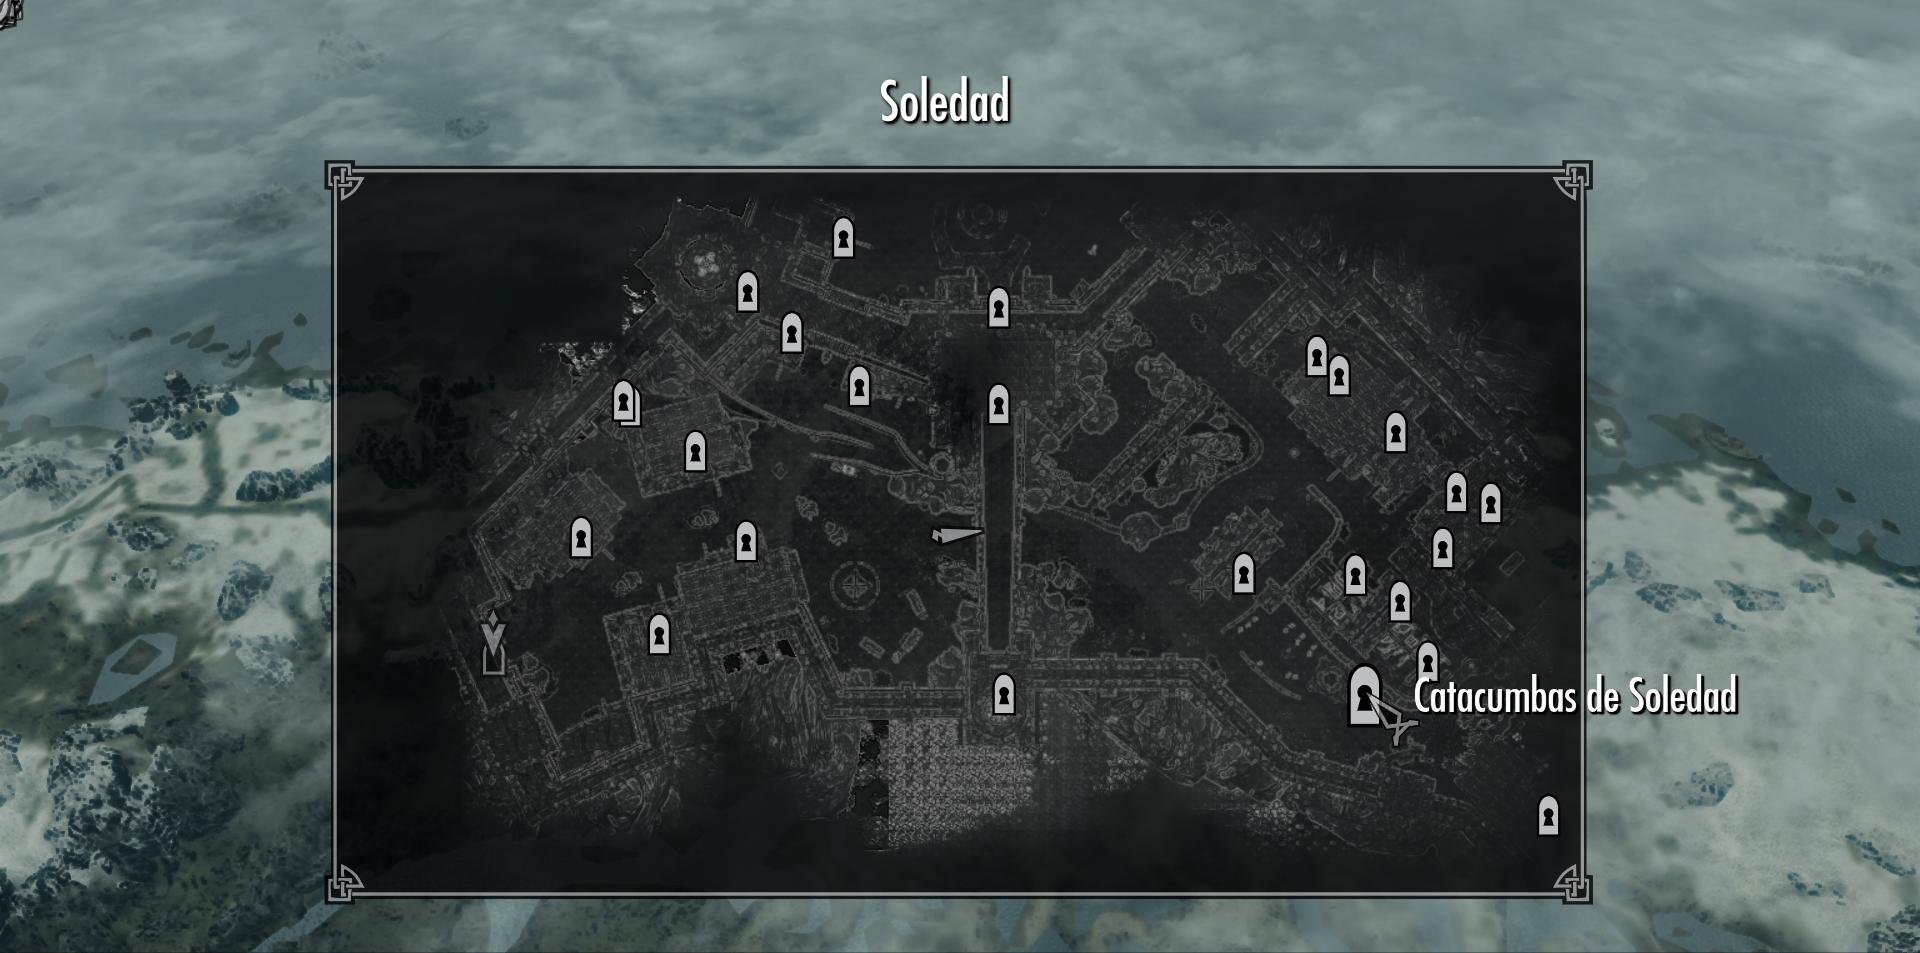 Catacumbas de Soledad